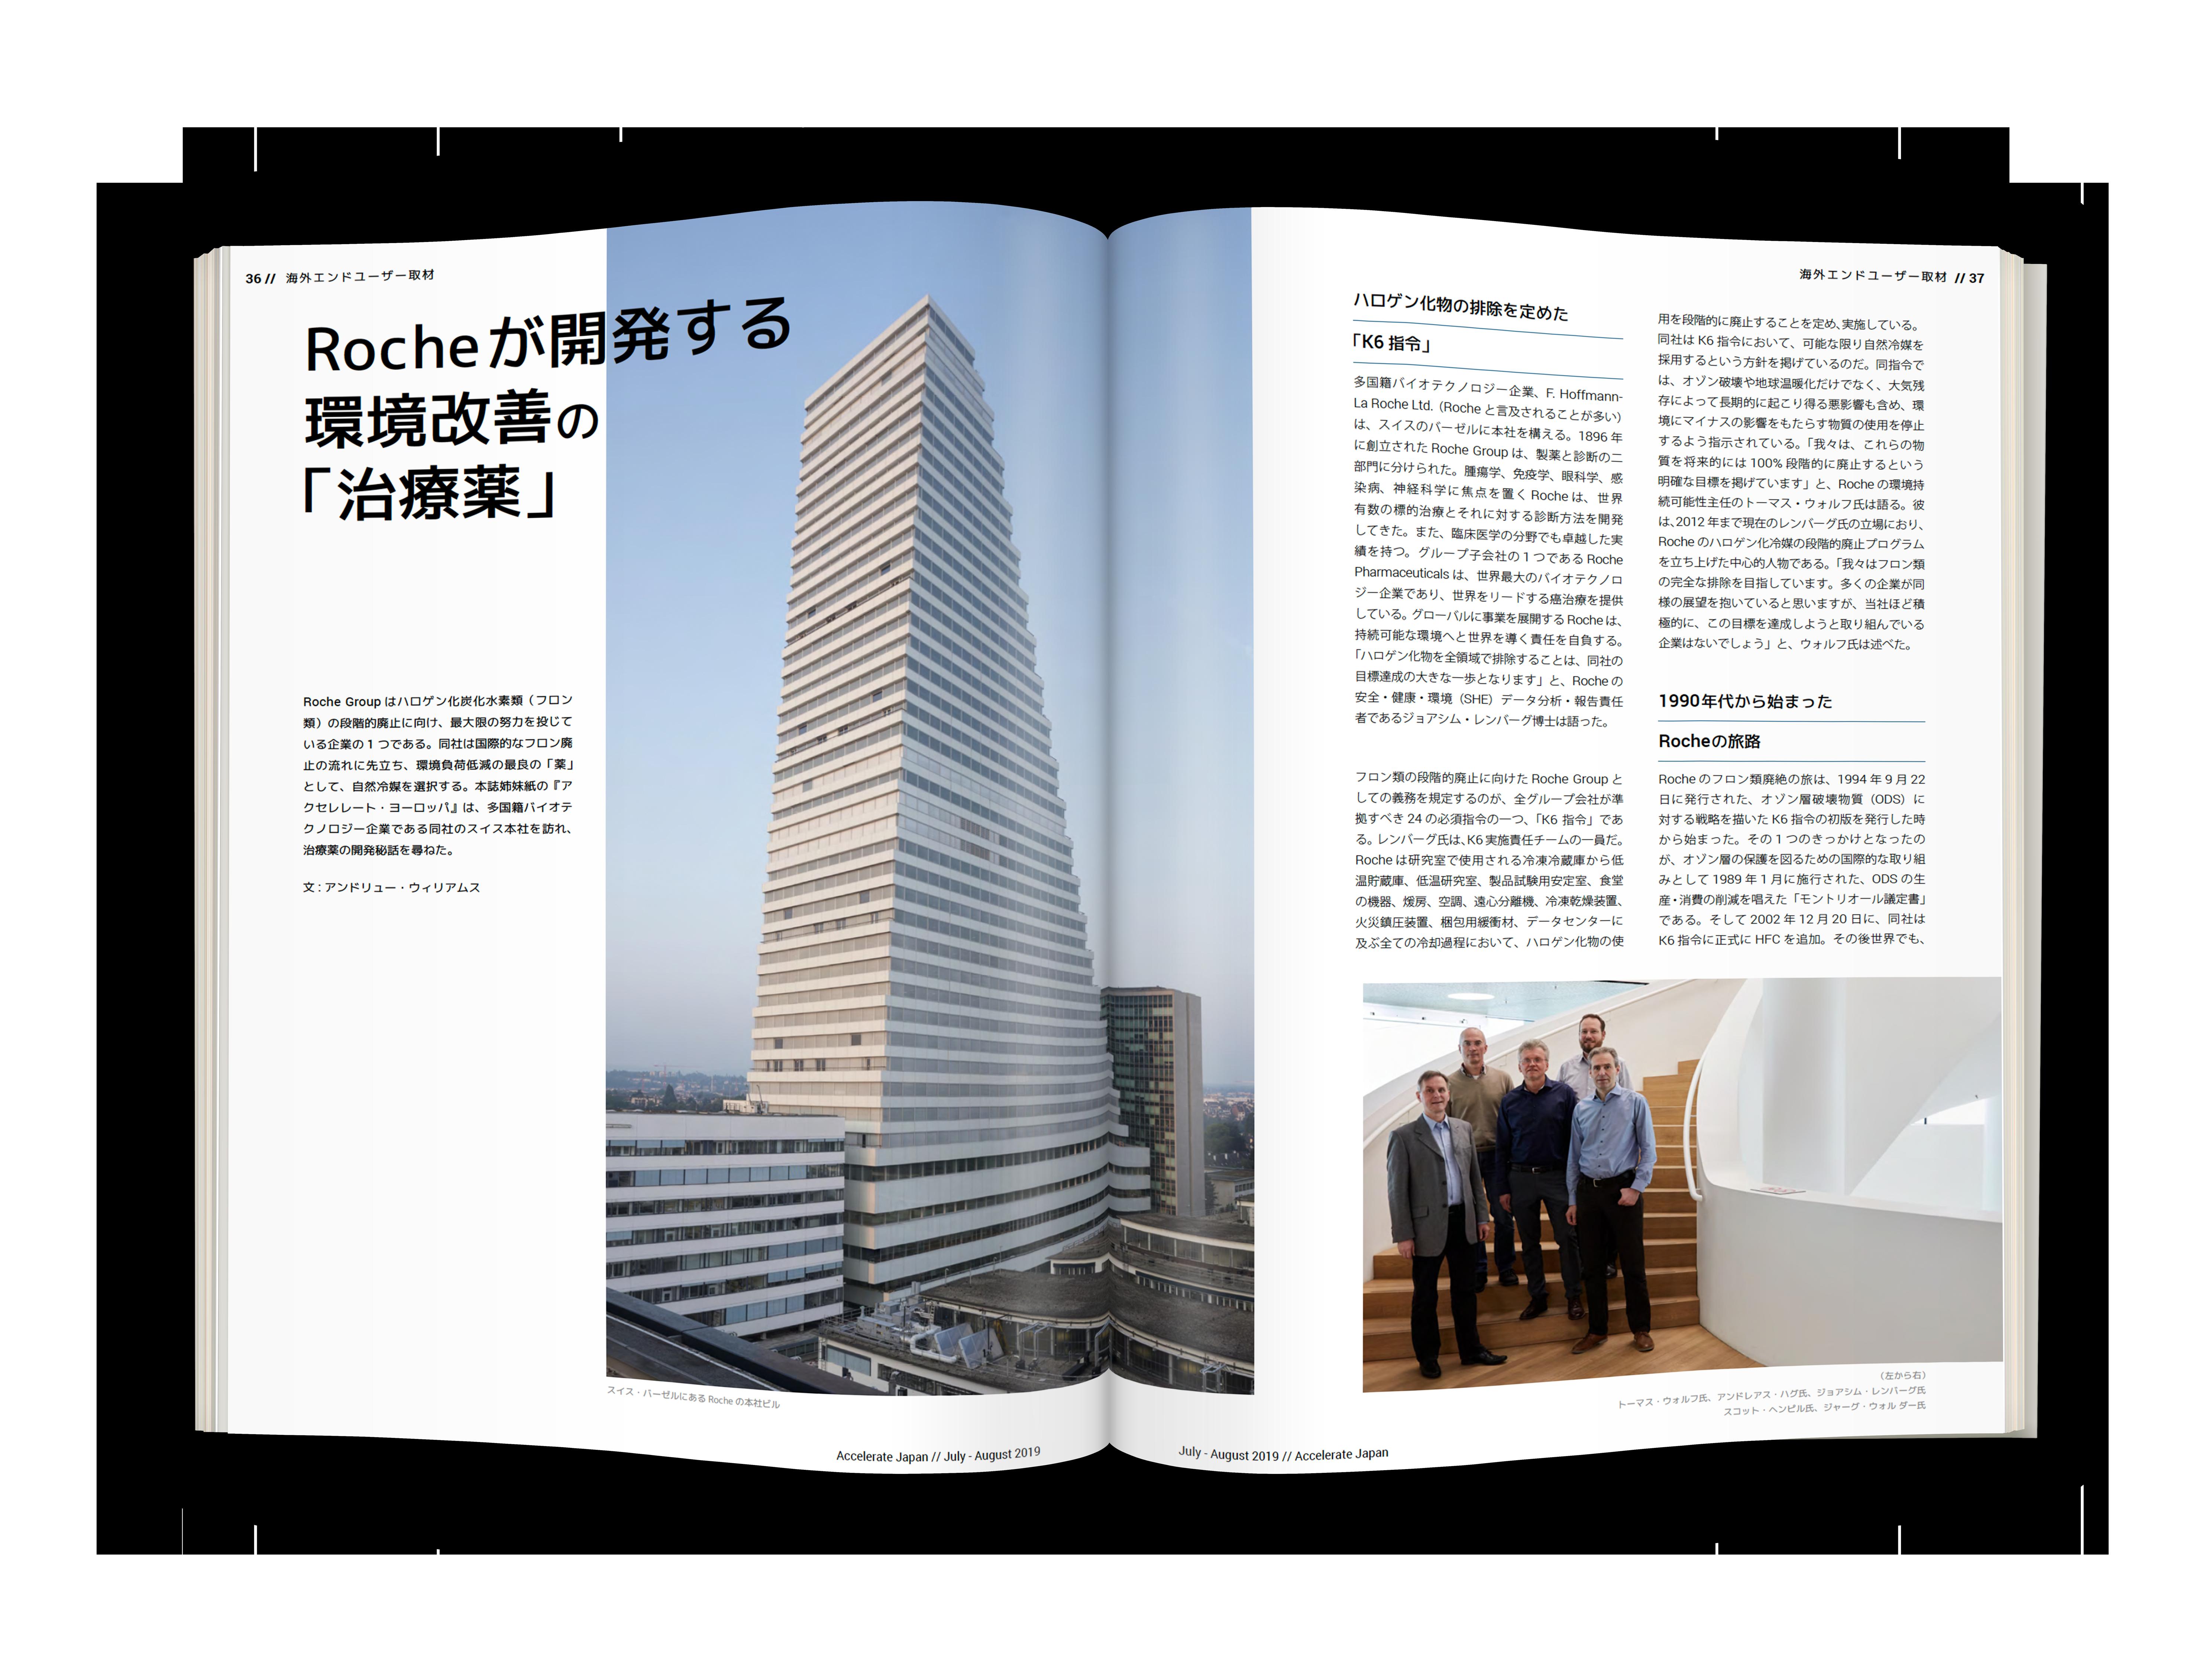 Rocheが開発する環境改善の「治療薬」